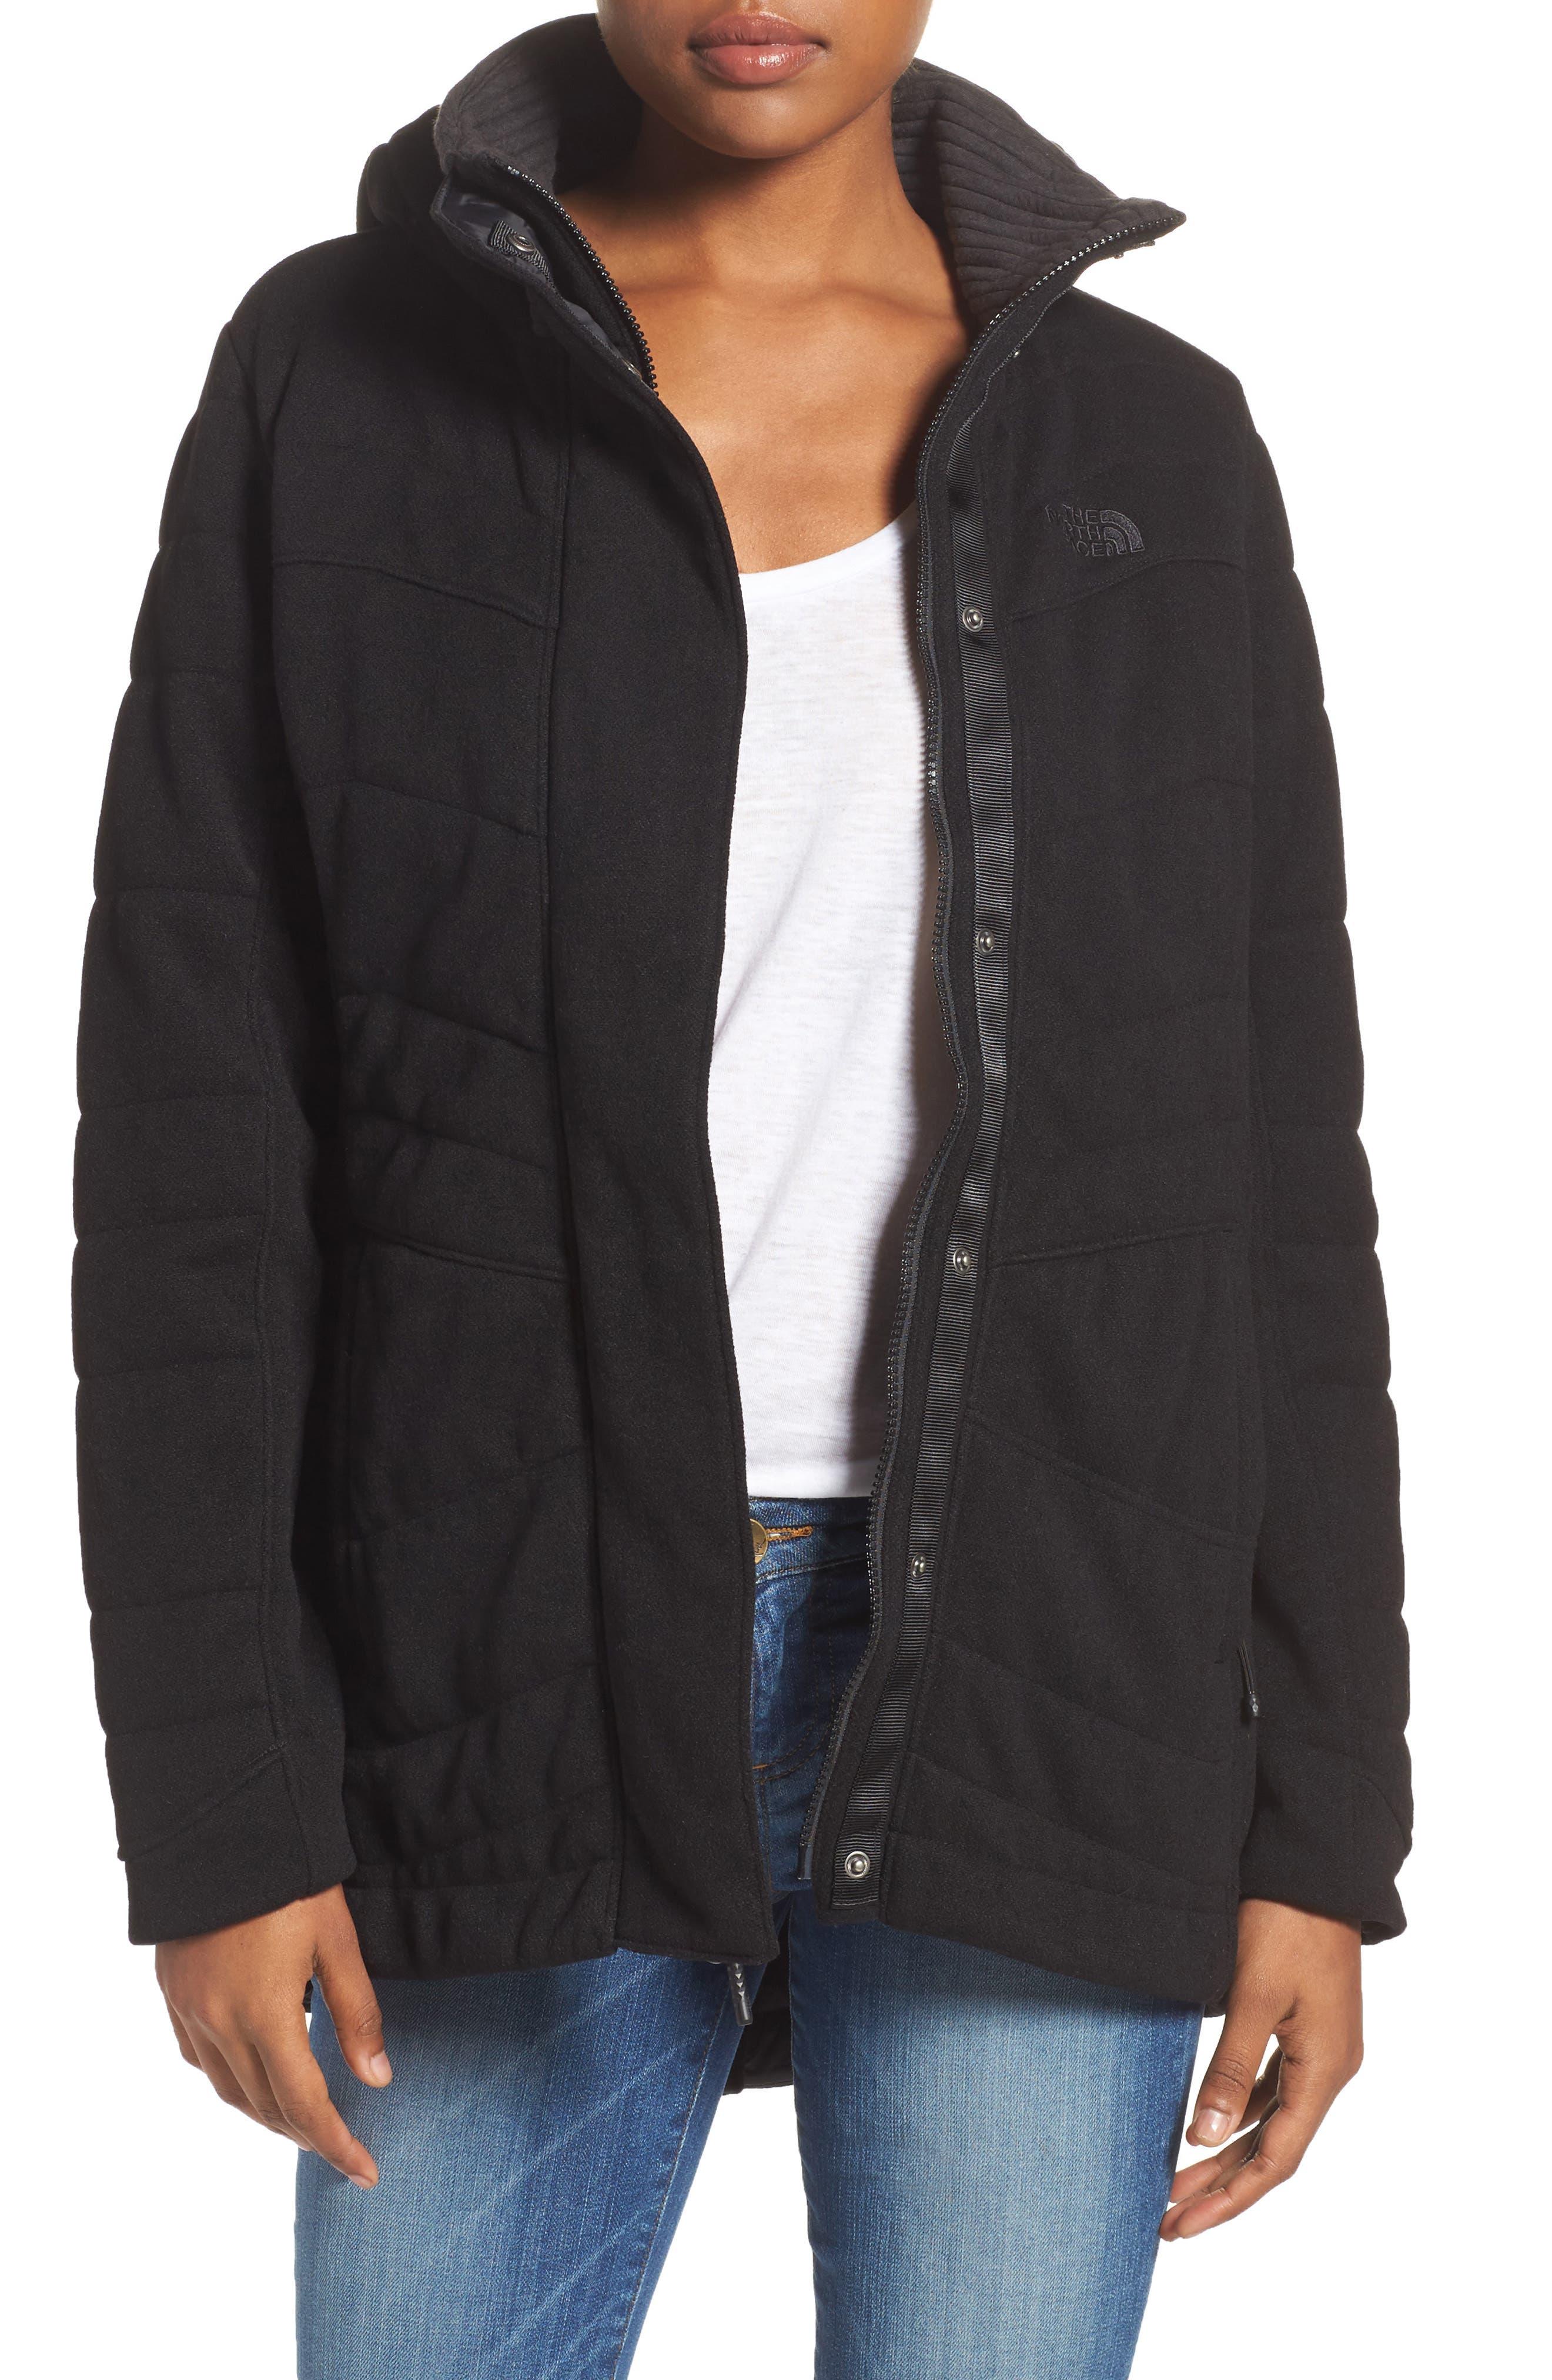 Indi Fleece Jacket,                             Main thumbnail 1, color,                             001